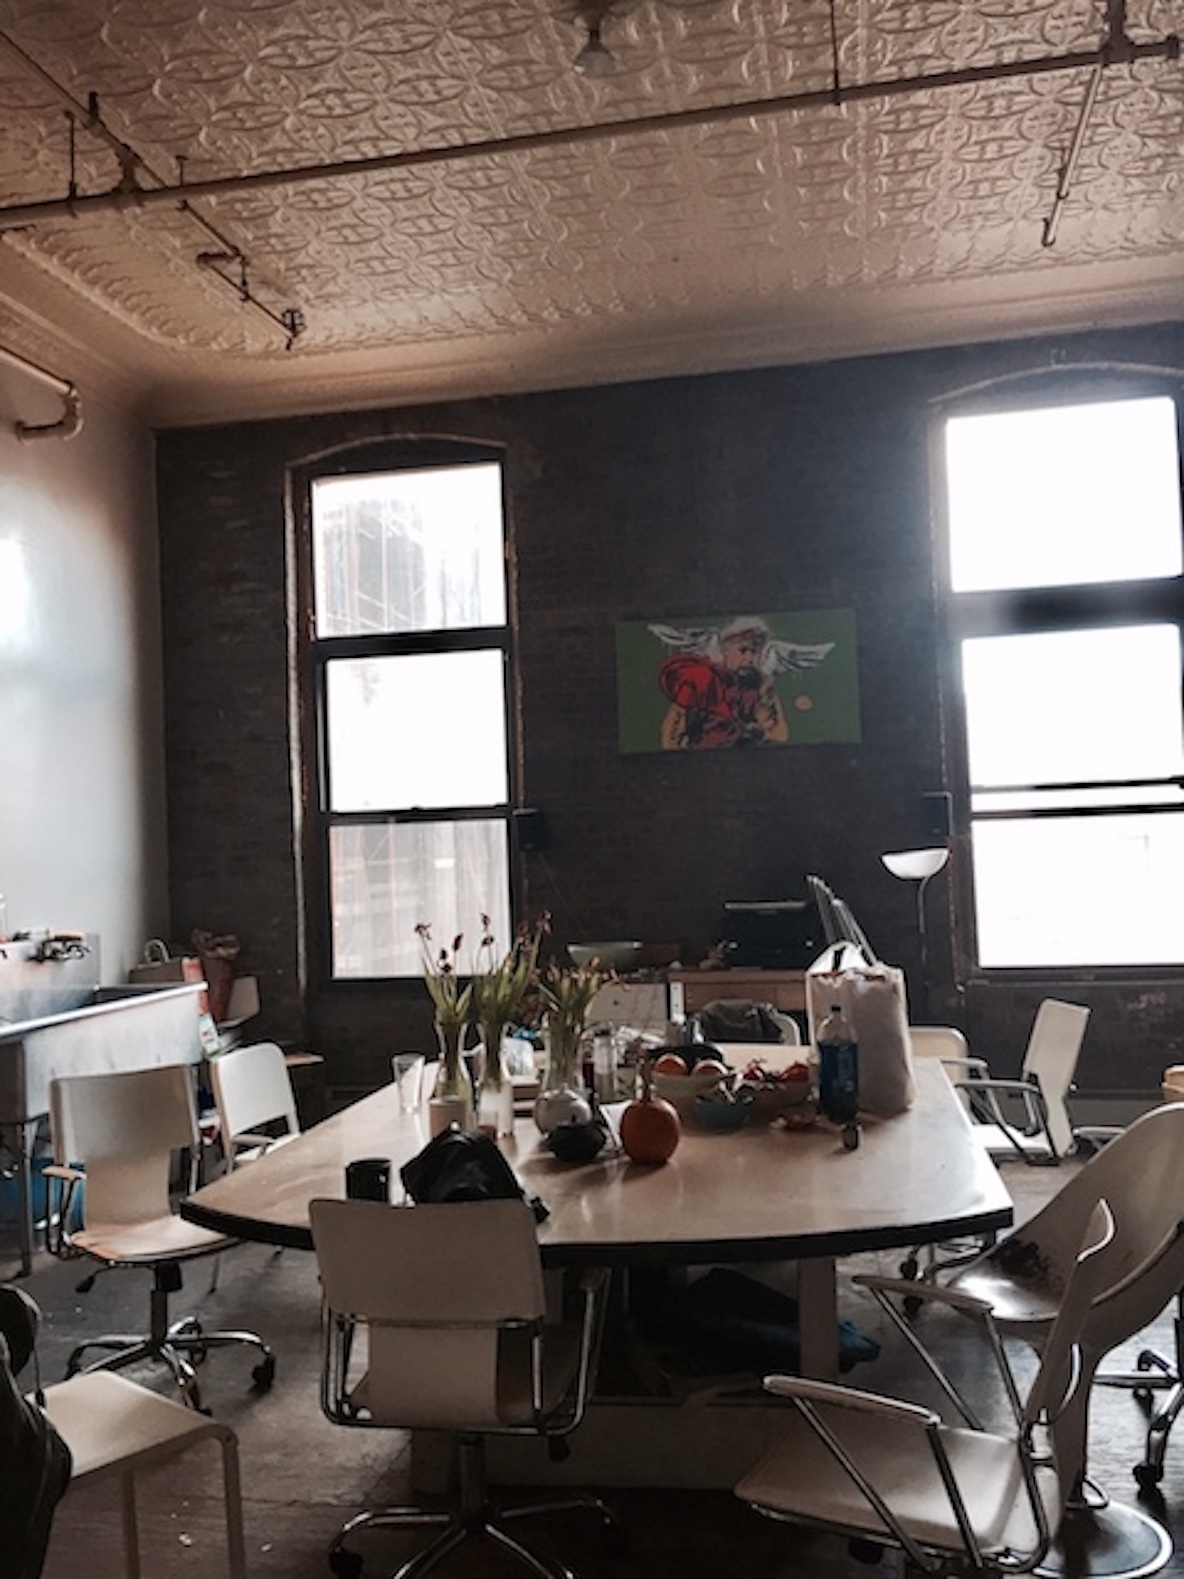 11人のアーティストが暮らす、ニューヨーク・ブルックリンのレトロなアパートメントのキッチン